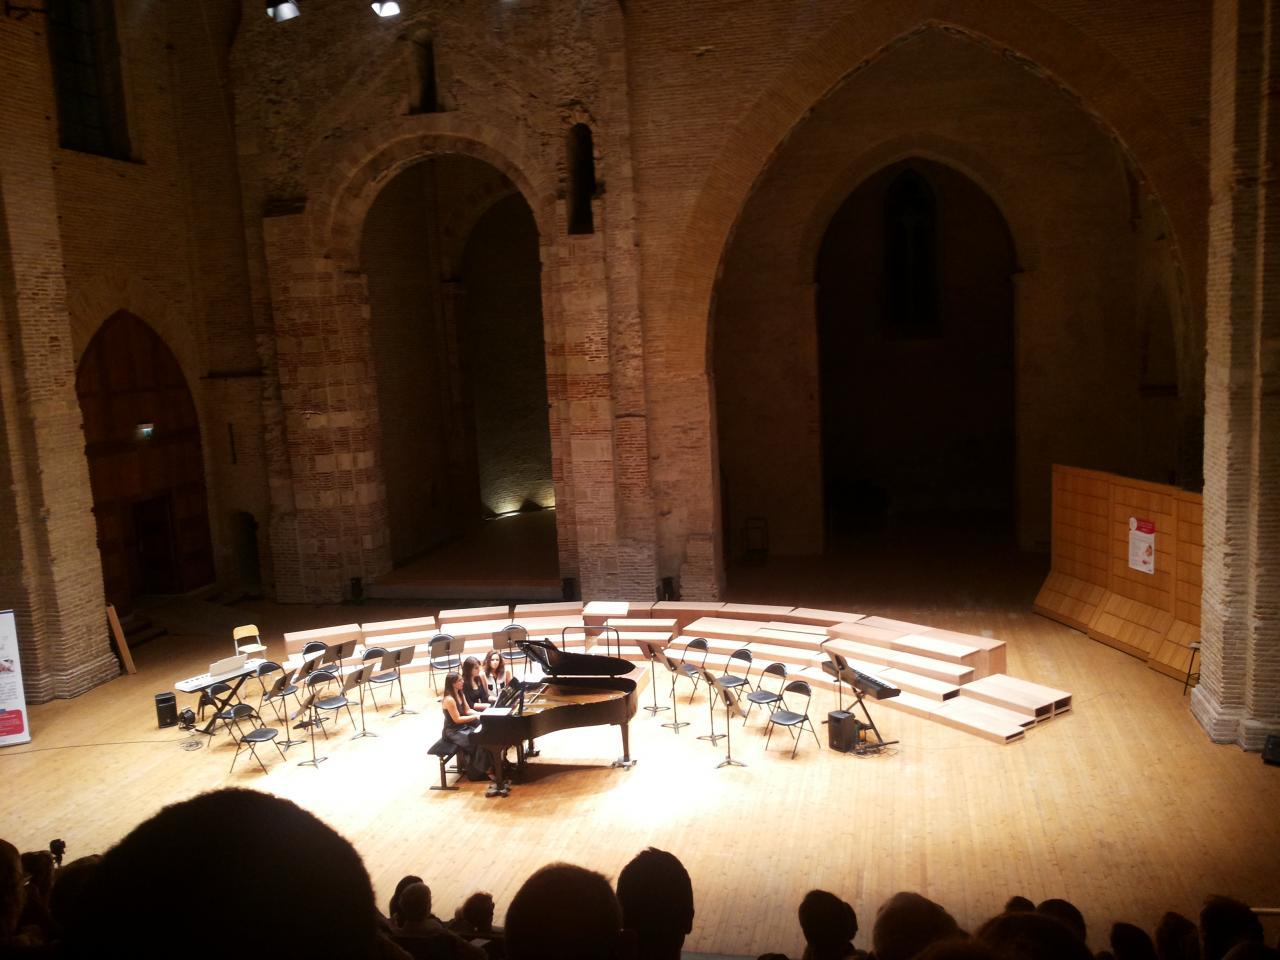 Concert de piano à 4 mains, Auditorium Saint-Pierre-des-Cuisines, Toulouse, octobre 2016